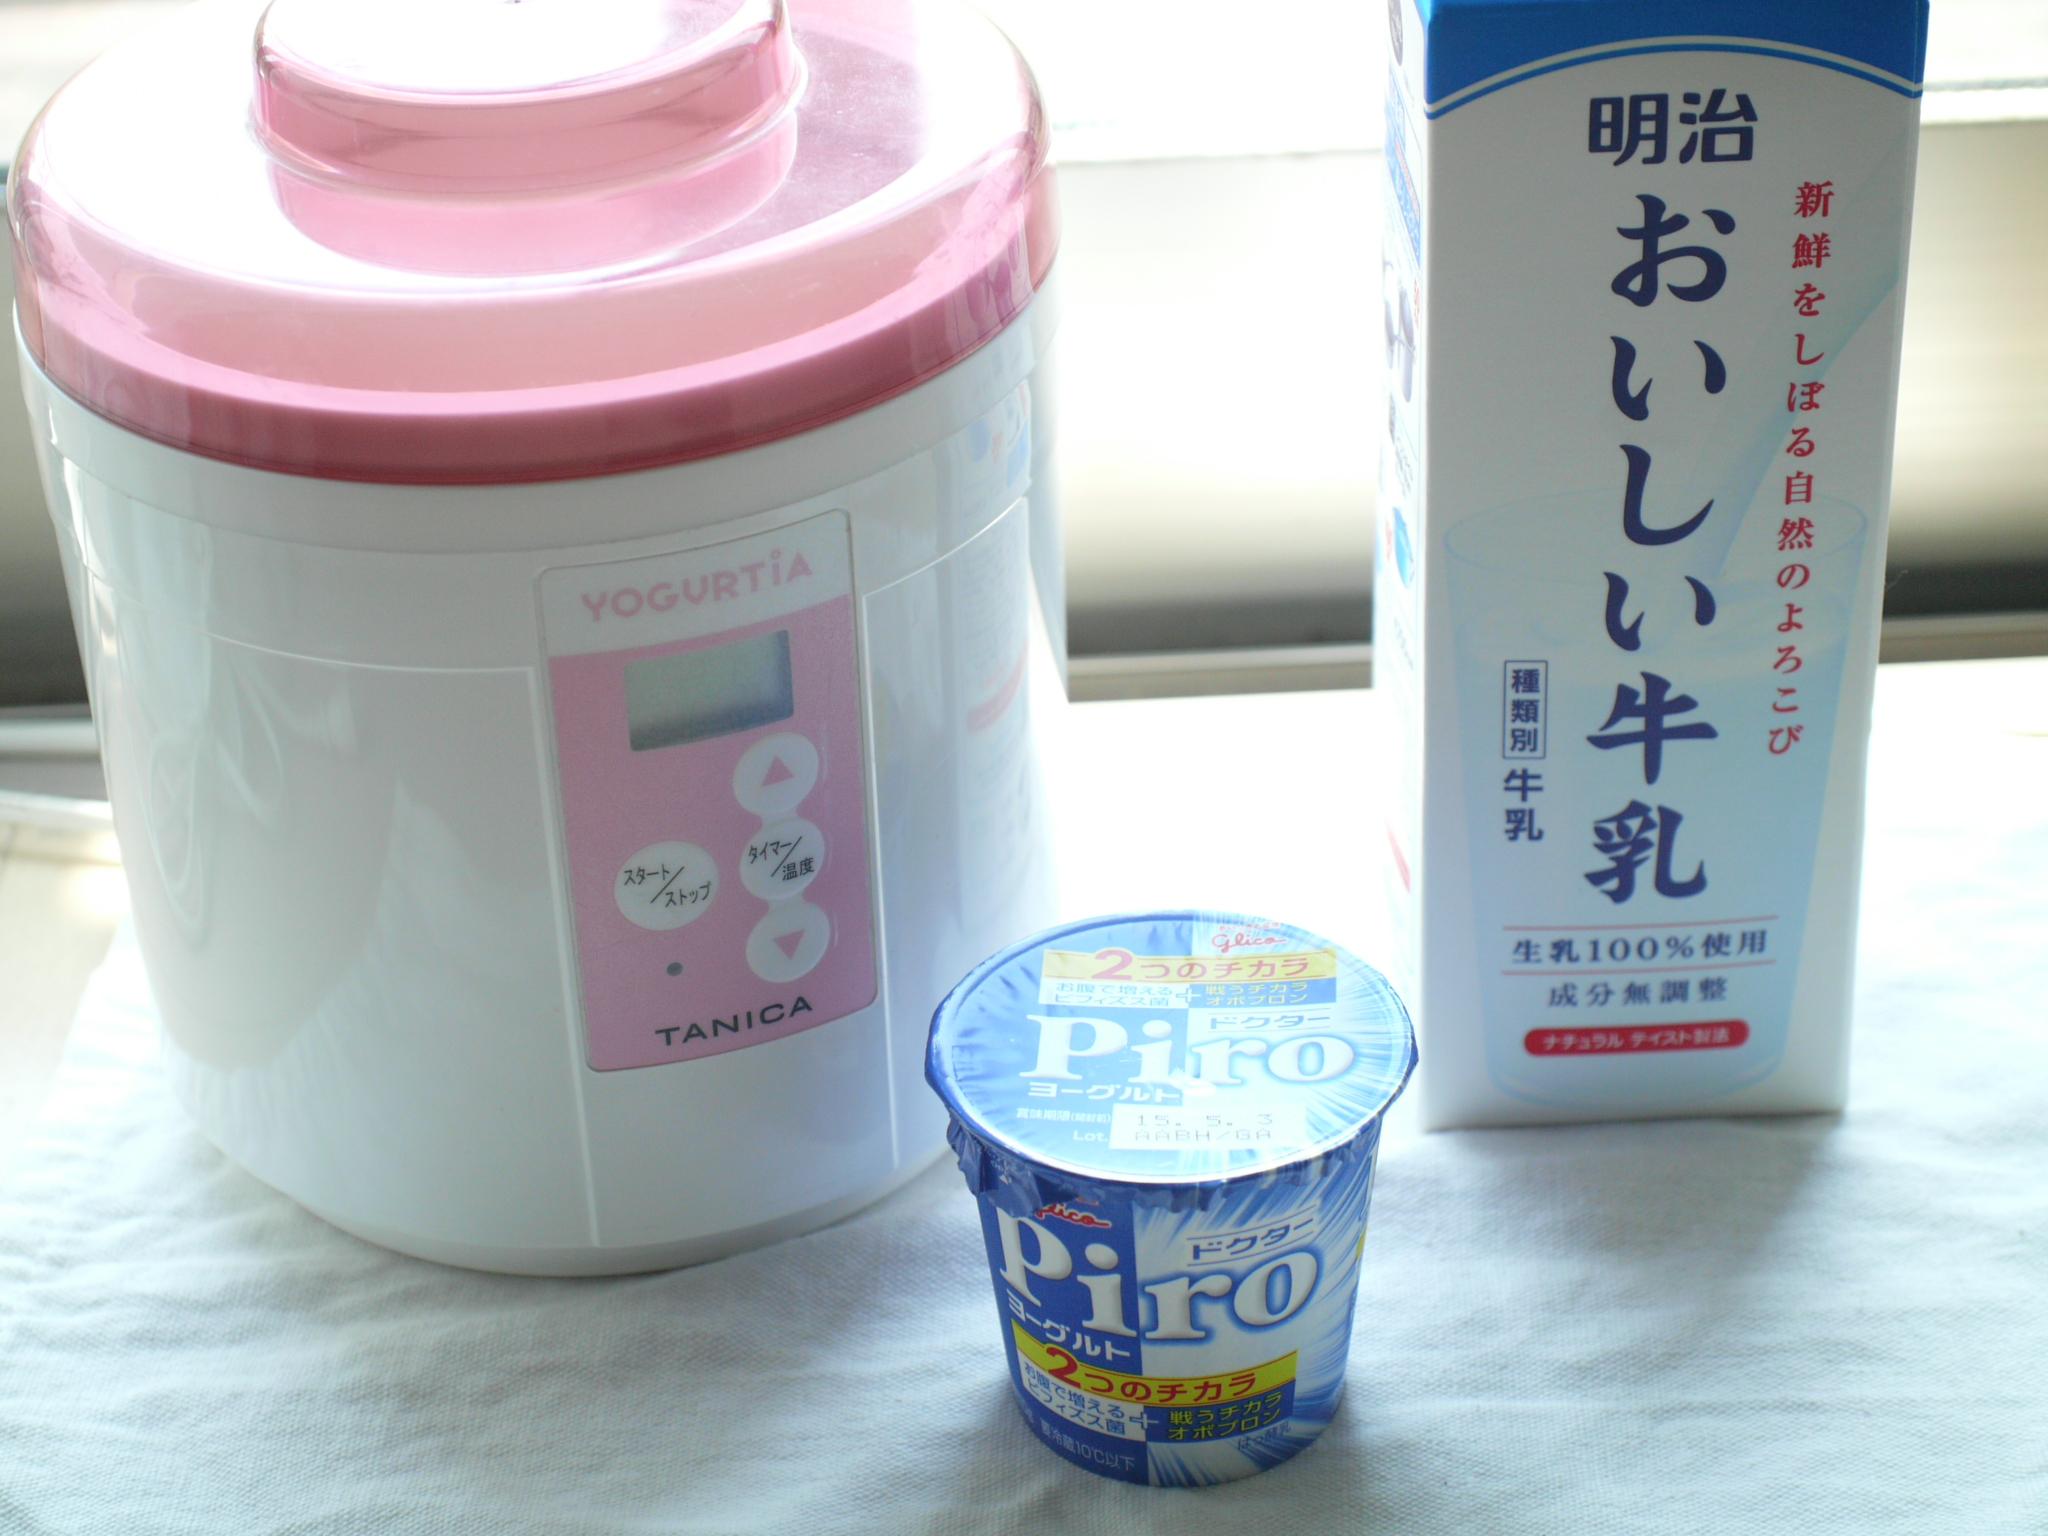 ヨーグルティア、牛乳、ドクターPiro